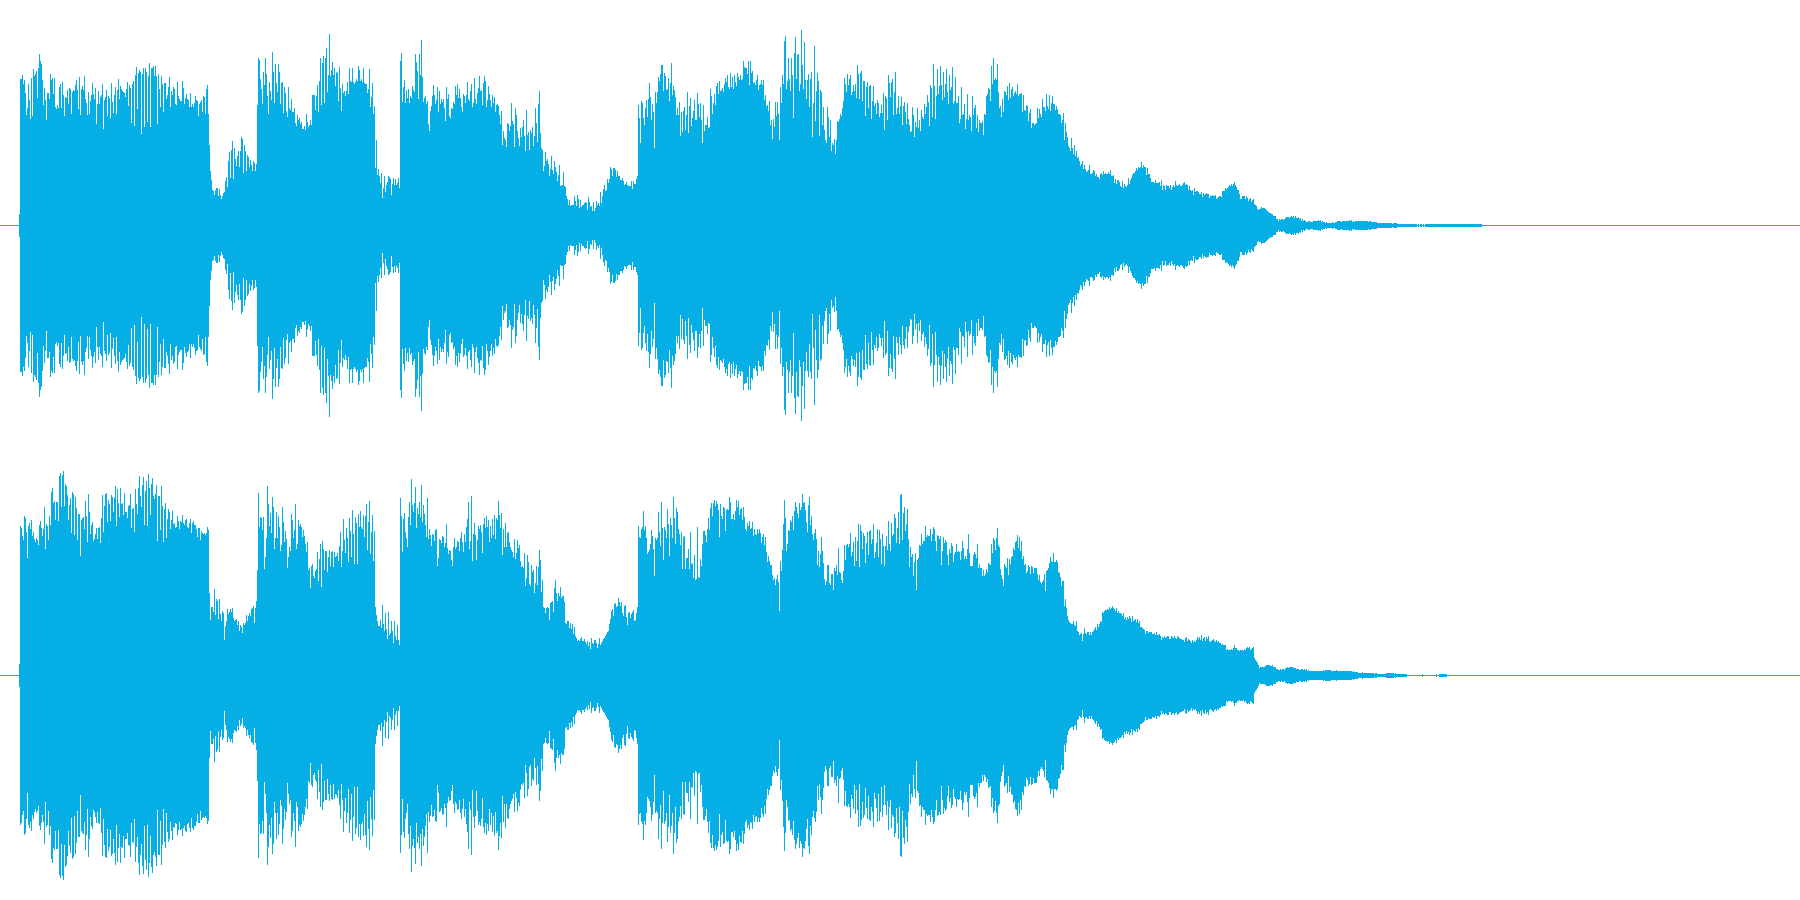 コミカルな音 マヌケなフレーズ 面白い音の再生済みの波形